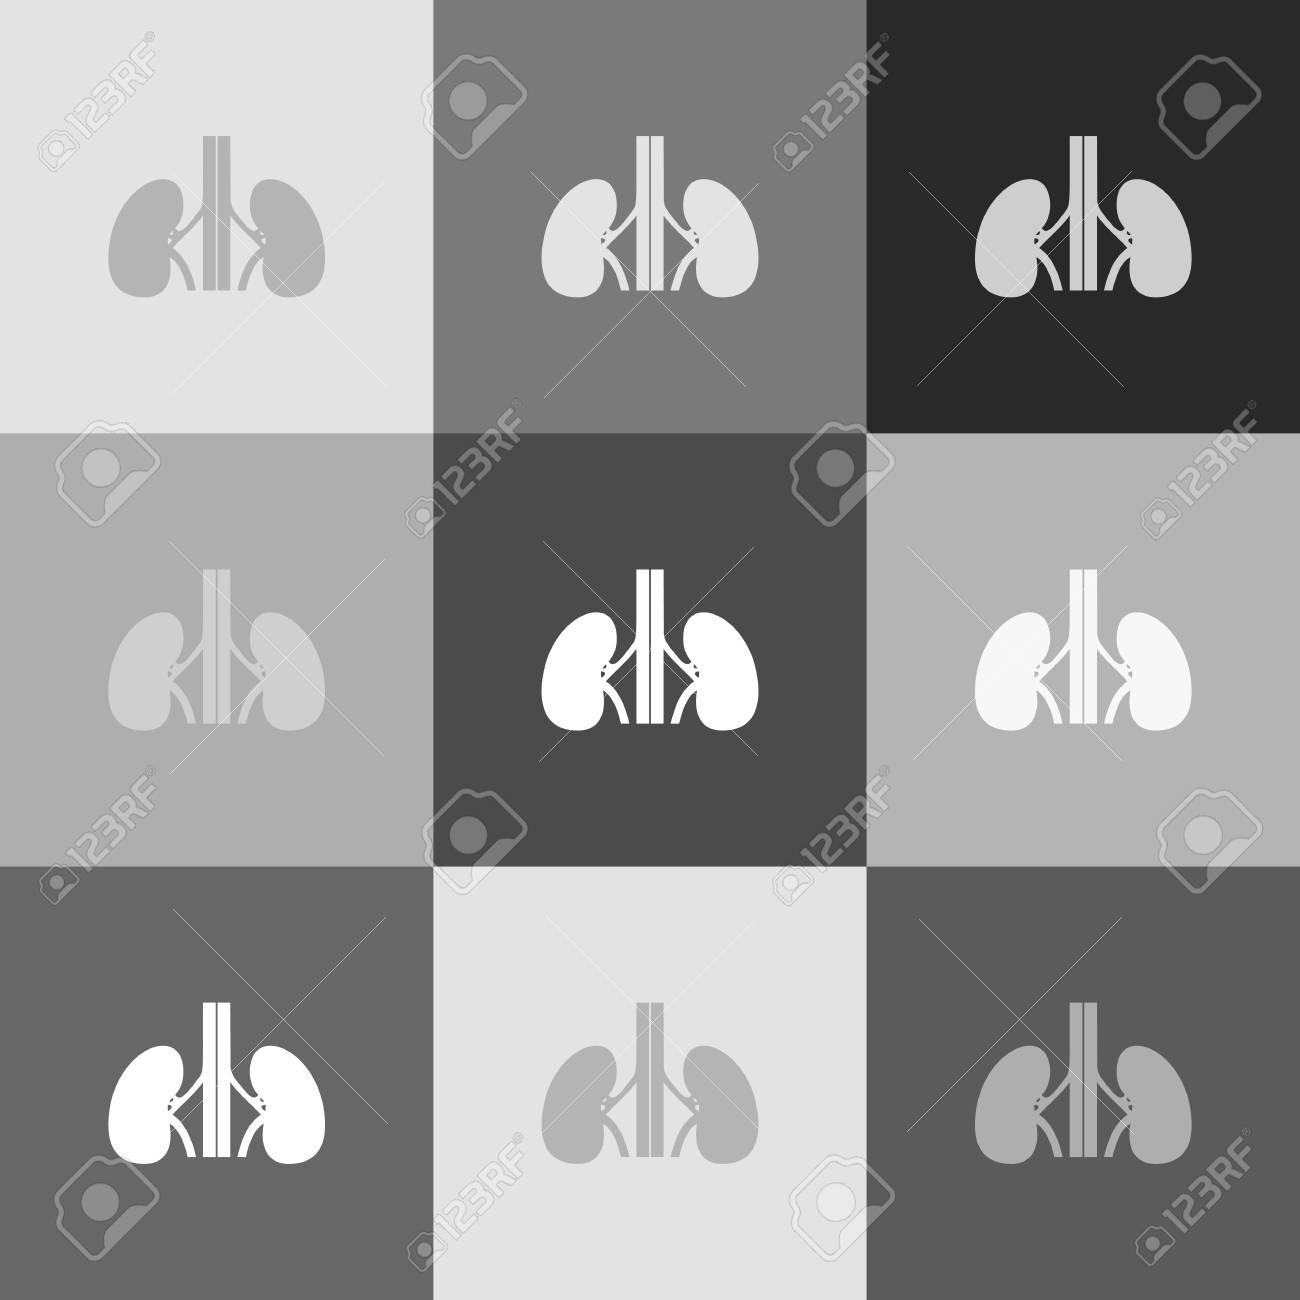 Anatomía Humana. Signo De Los Riñones. Vector. Versión En Escala De ...